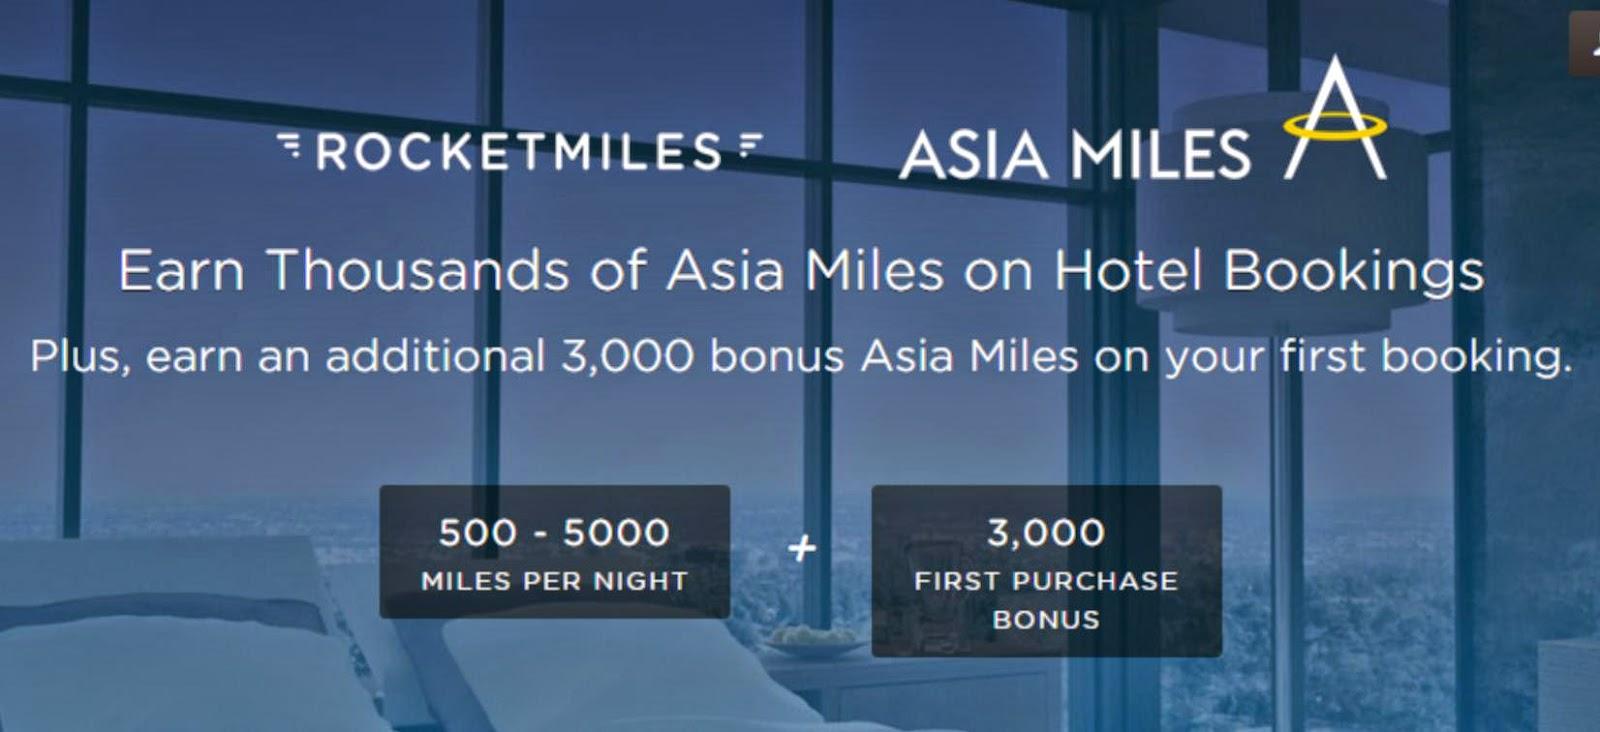 輕鬆賺里數!經Rocketmiles首次訂房,送你【3,000里】Asiamiles(亞洲萬里通)里數。